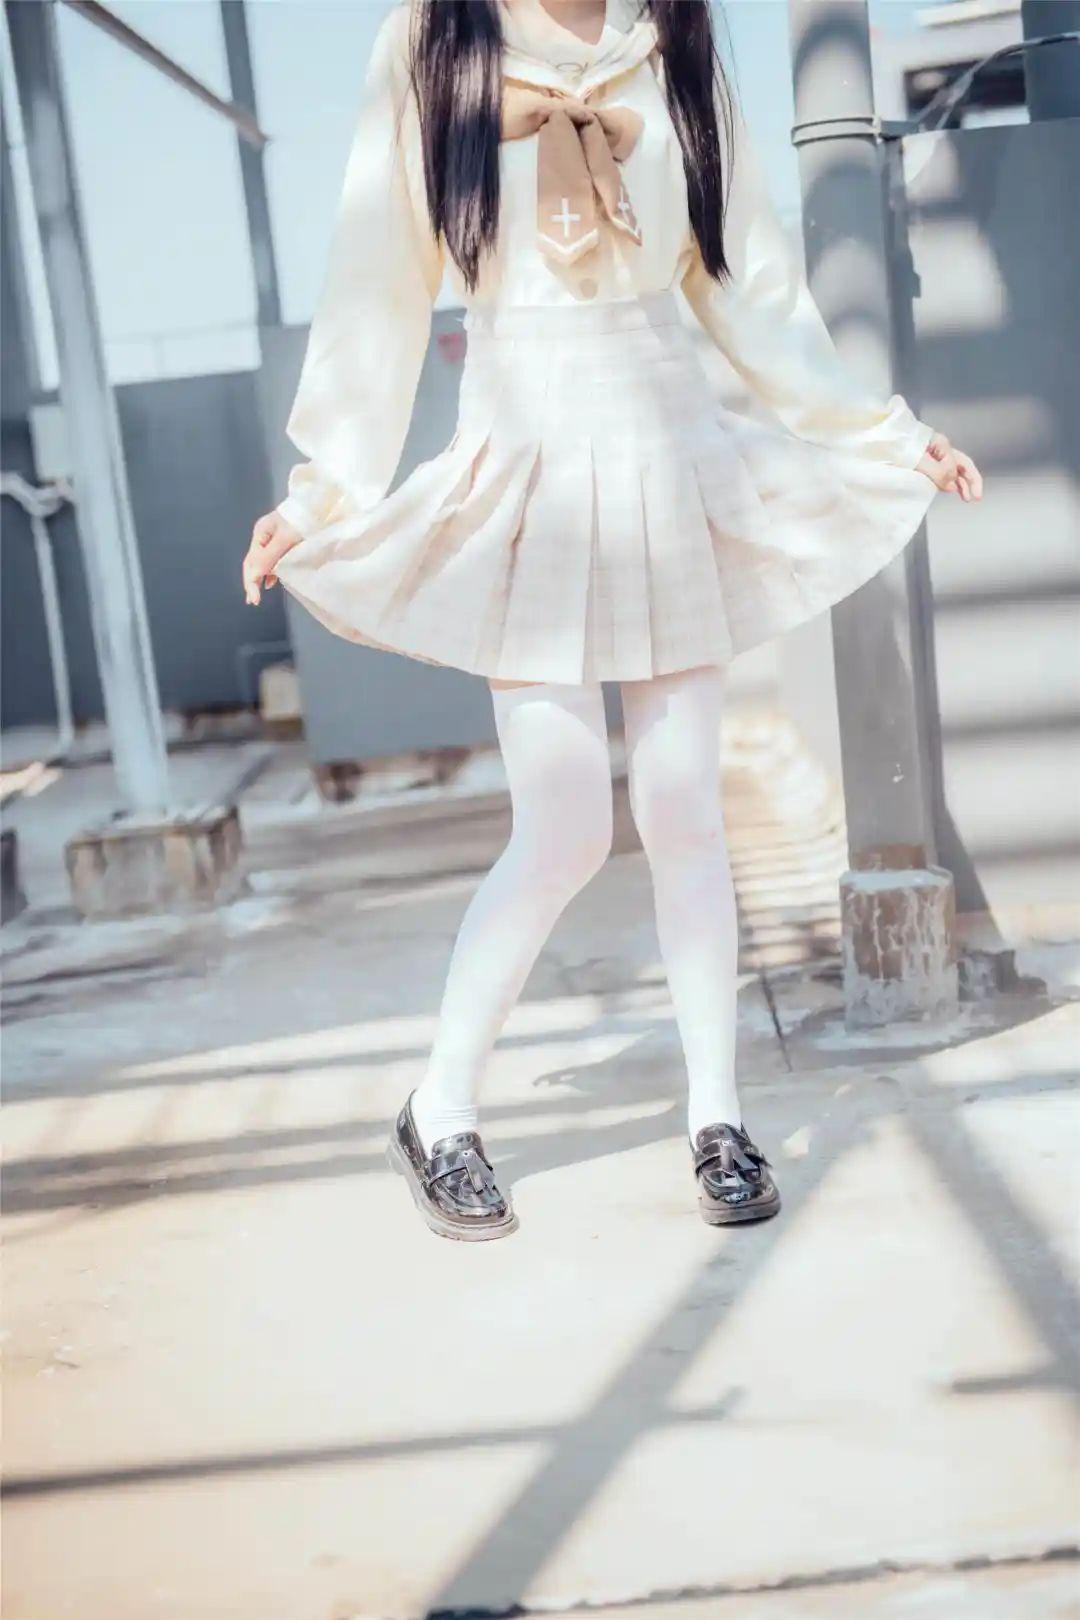 妹子摄影 – 白丝袜小美女,JK短裙尽显腿长优雅_图片 No.4